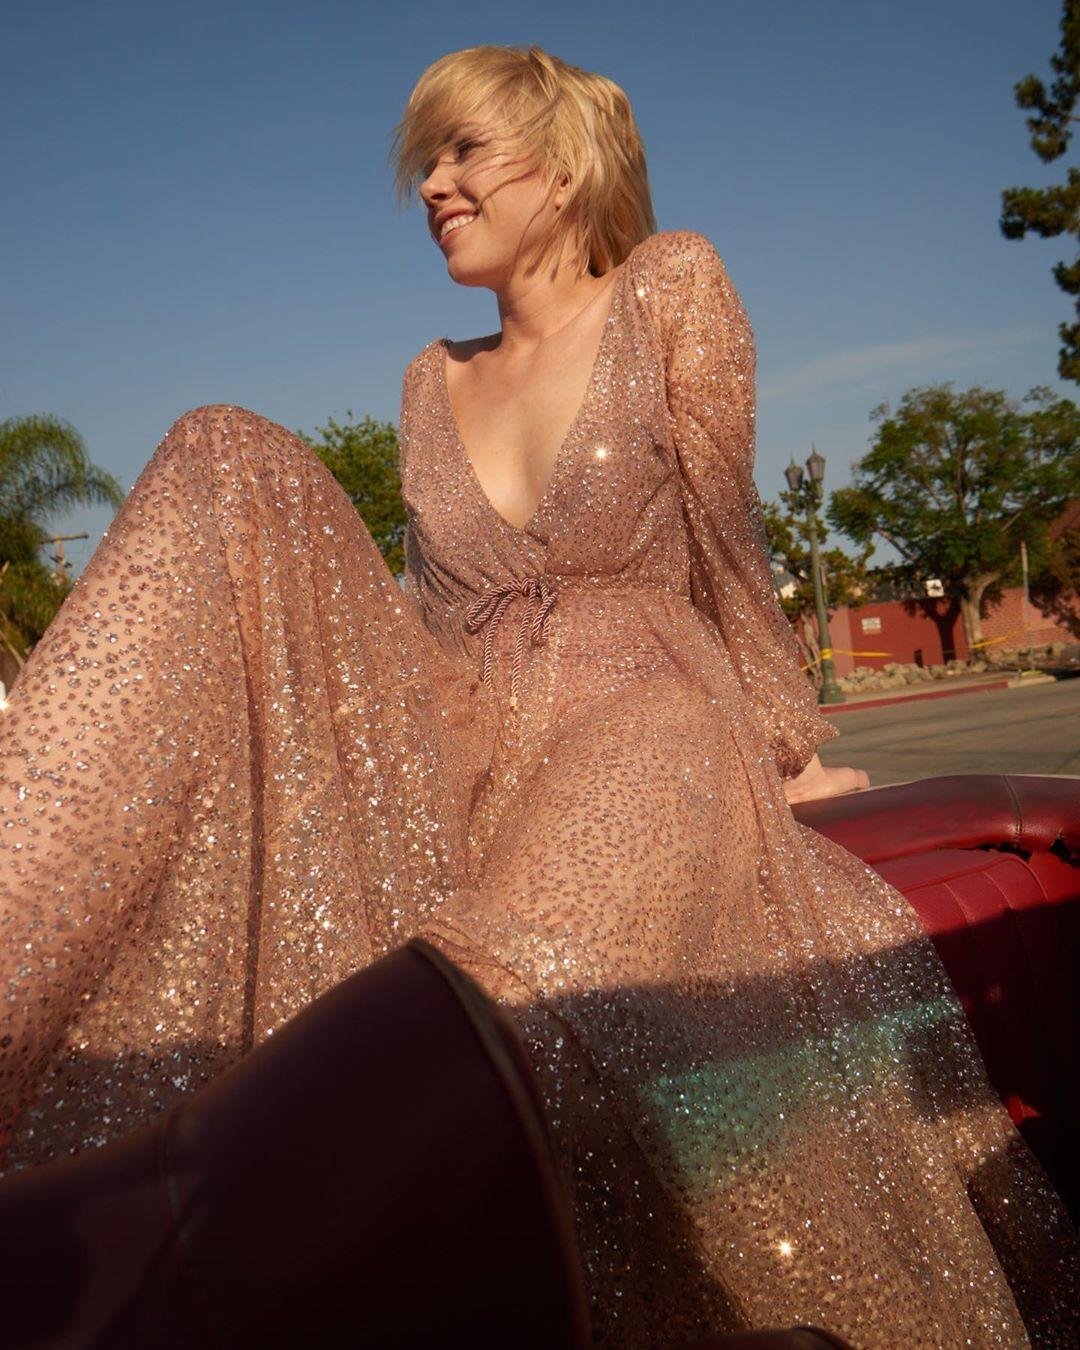 ✨✨✨✨sparkle dress https://t.co/gRovW32oAK